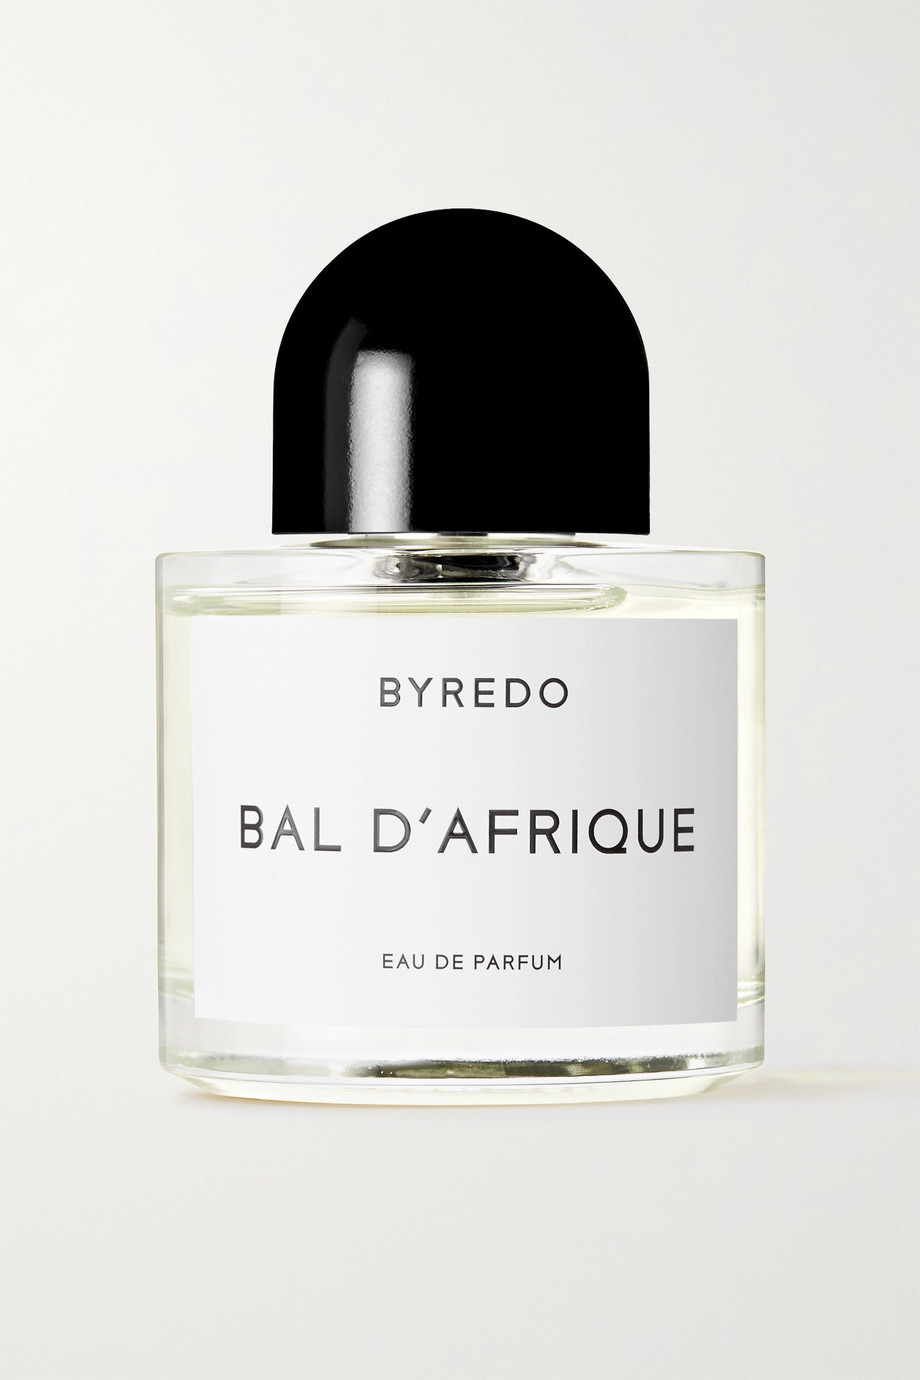 Byredo Eau de Parfum - Bal D'Afrique, 100ml